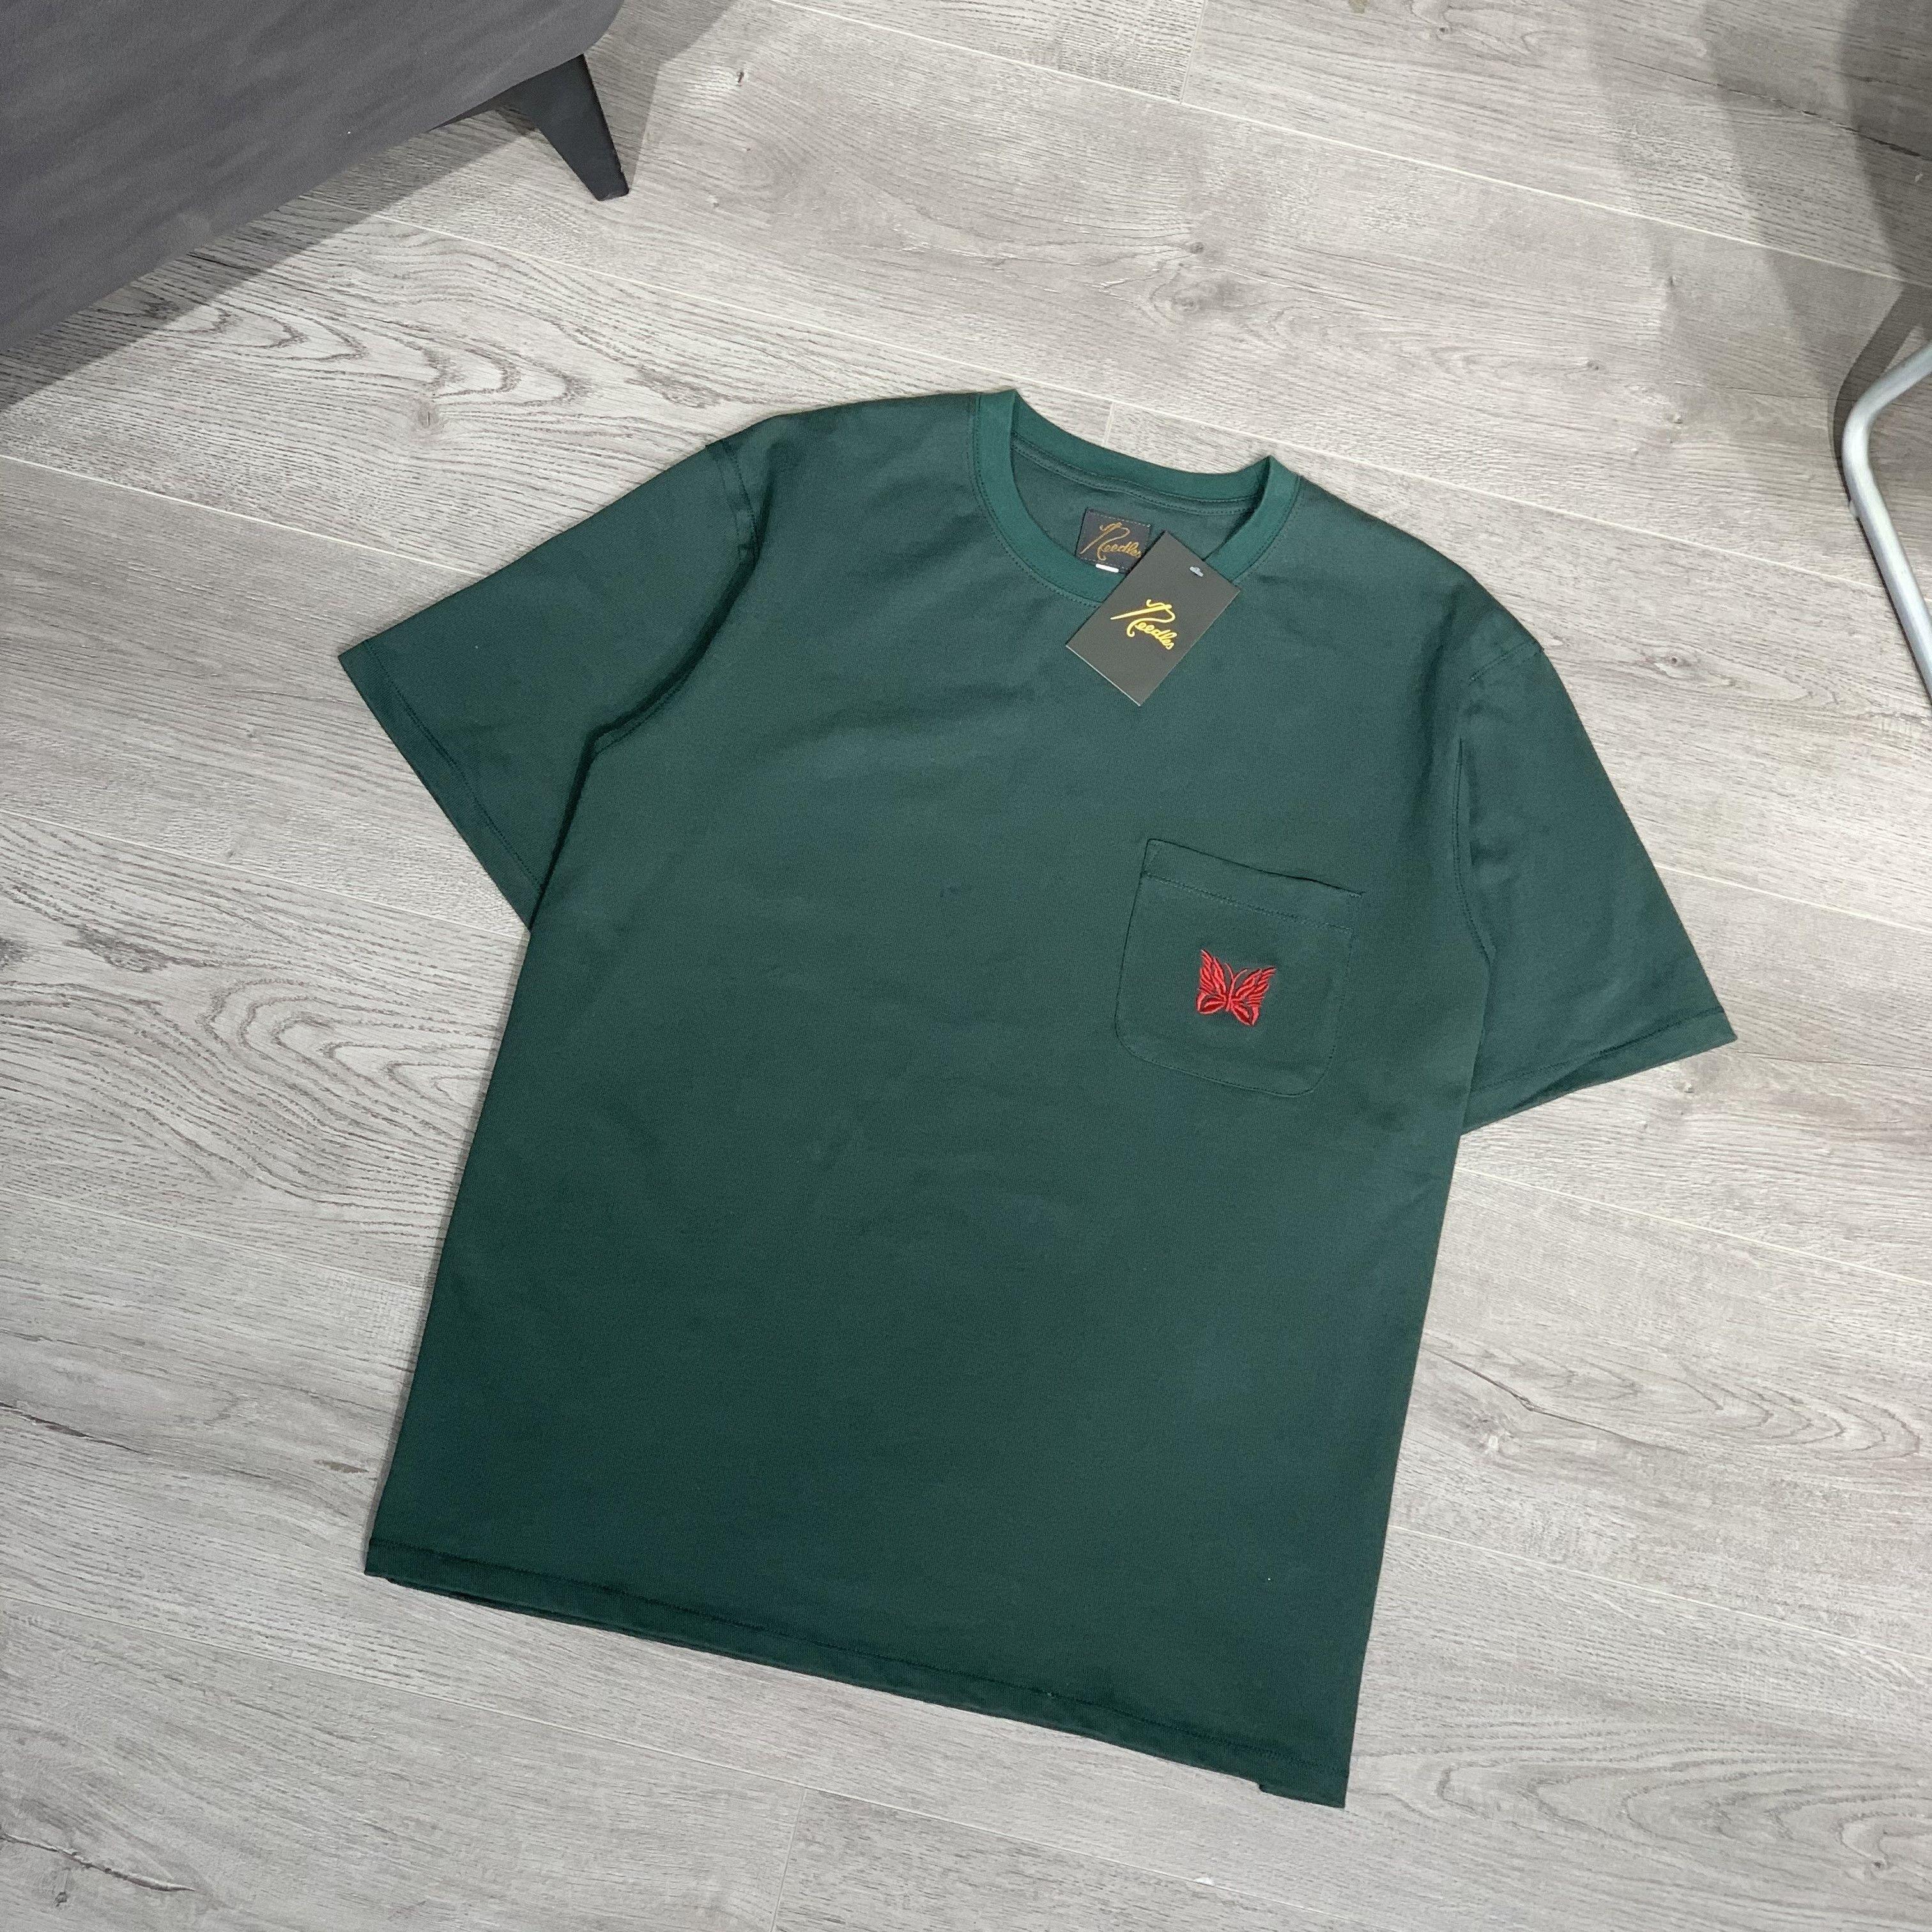 3Colors 2021SS T-Shirt Männer Frauen 1 Qualität T-Stück leicht übergroße Tops High Street Kurzarm